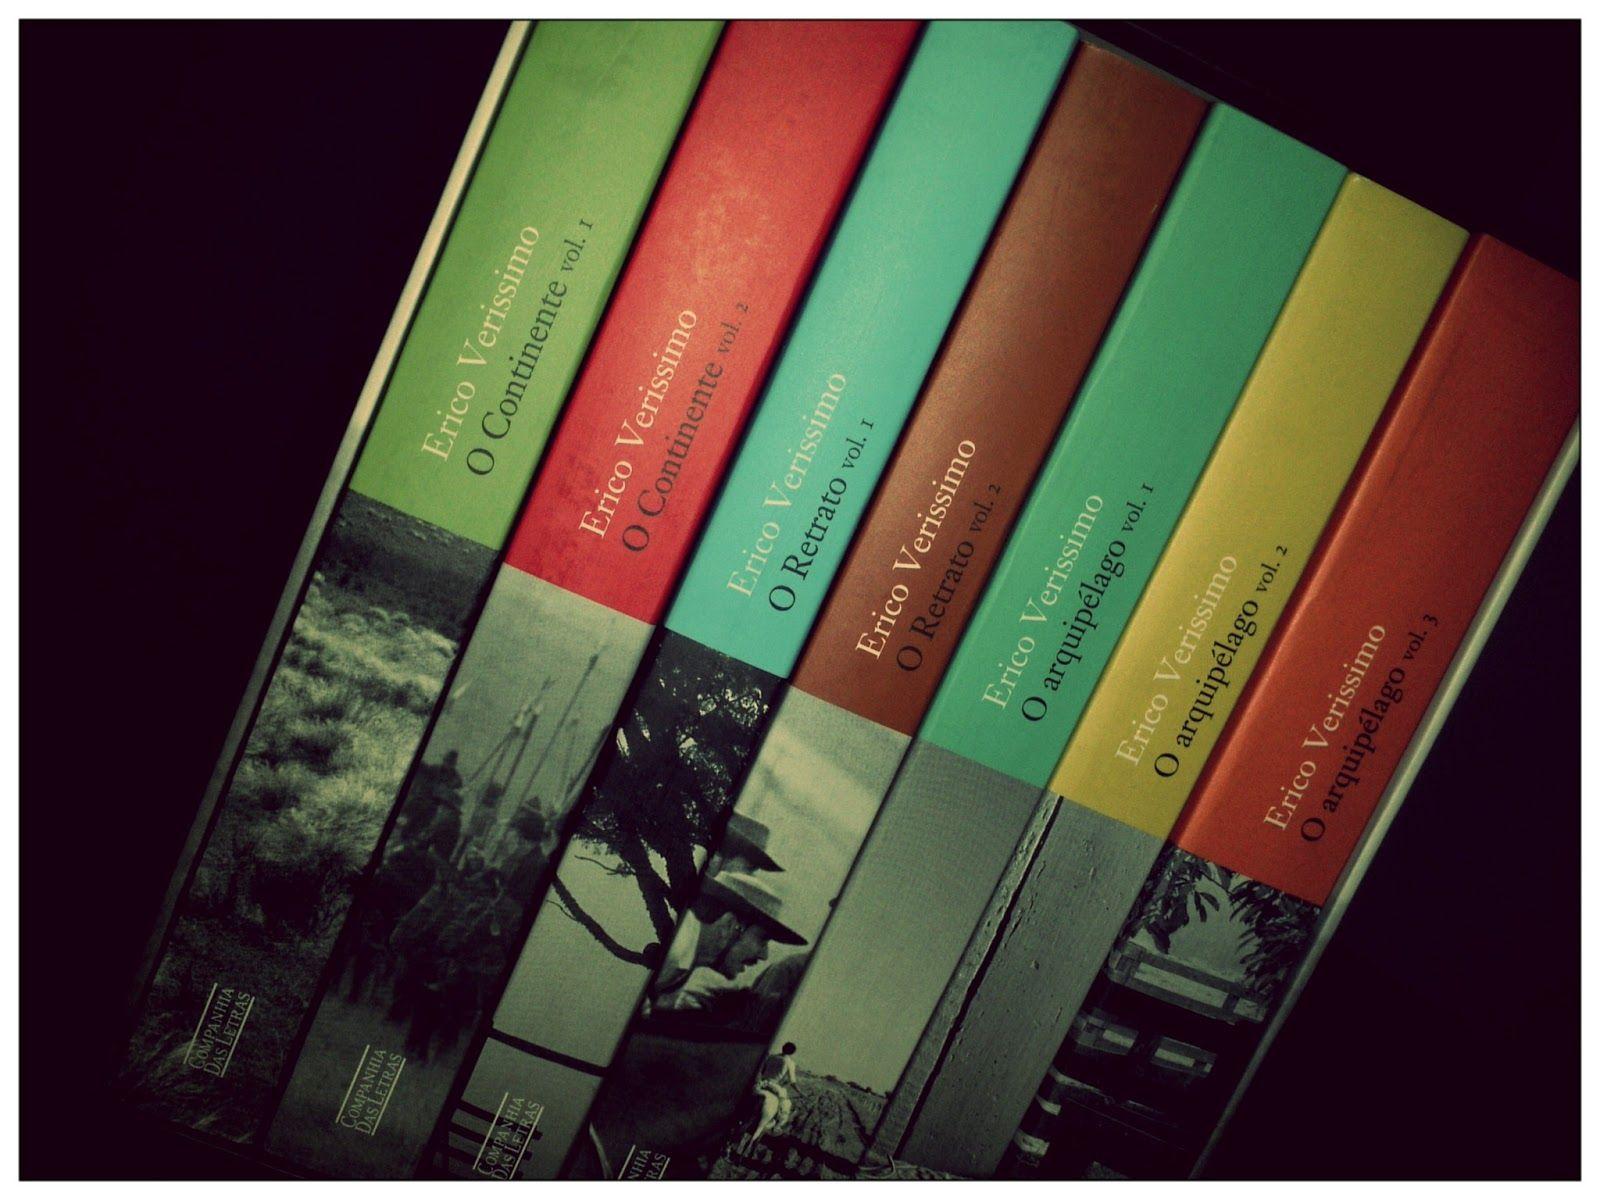 o tempo e o vento livros